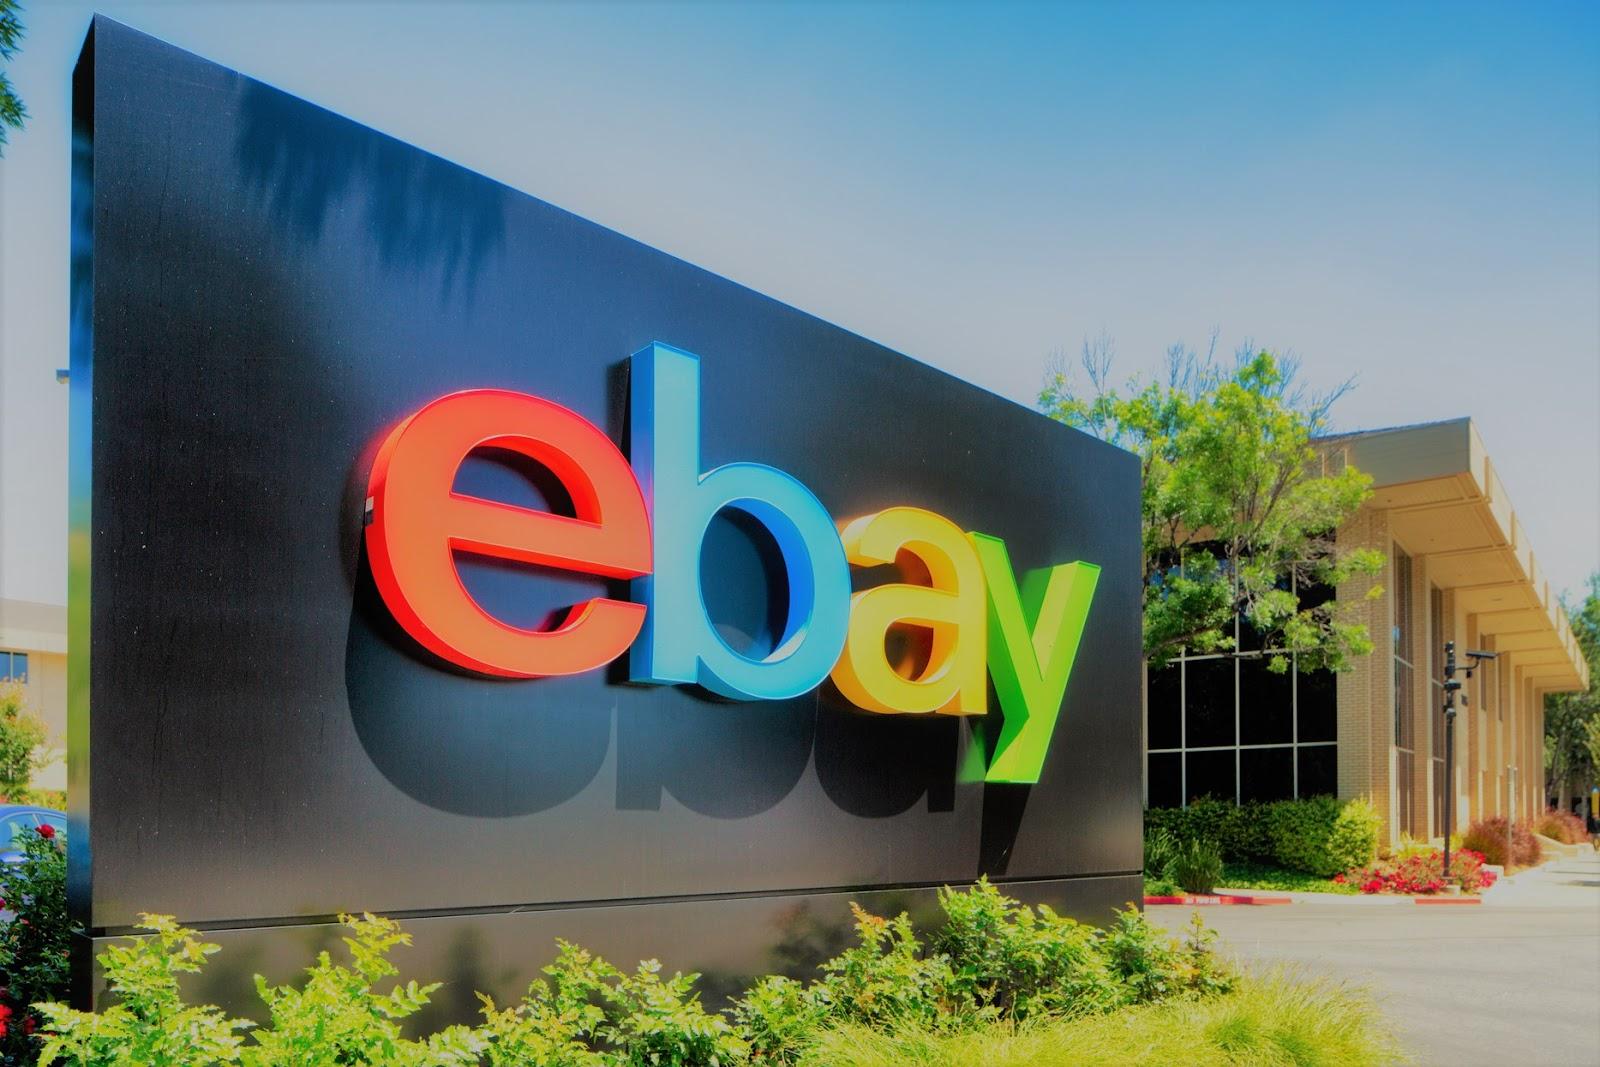 e bay, ebat, ebate, ebay, ebay app, ebay australia, ebay com, ebay de, ebay discount code, ebay fees, ebay full site, ebay germany, ebay golf, ebay iphone 6, ebay iphone 7, ebay login, ebay mobile app, ebay motors parts, ebay my account, ebay mystery box, ebay number, ebay official site, ebay online shopping, ebay promo code, ebay sign in, ebay stock, ebay store, ebay uk, ebay us, ebay usa.